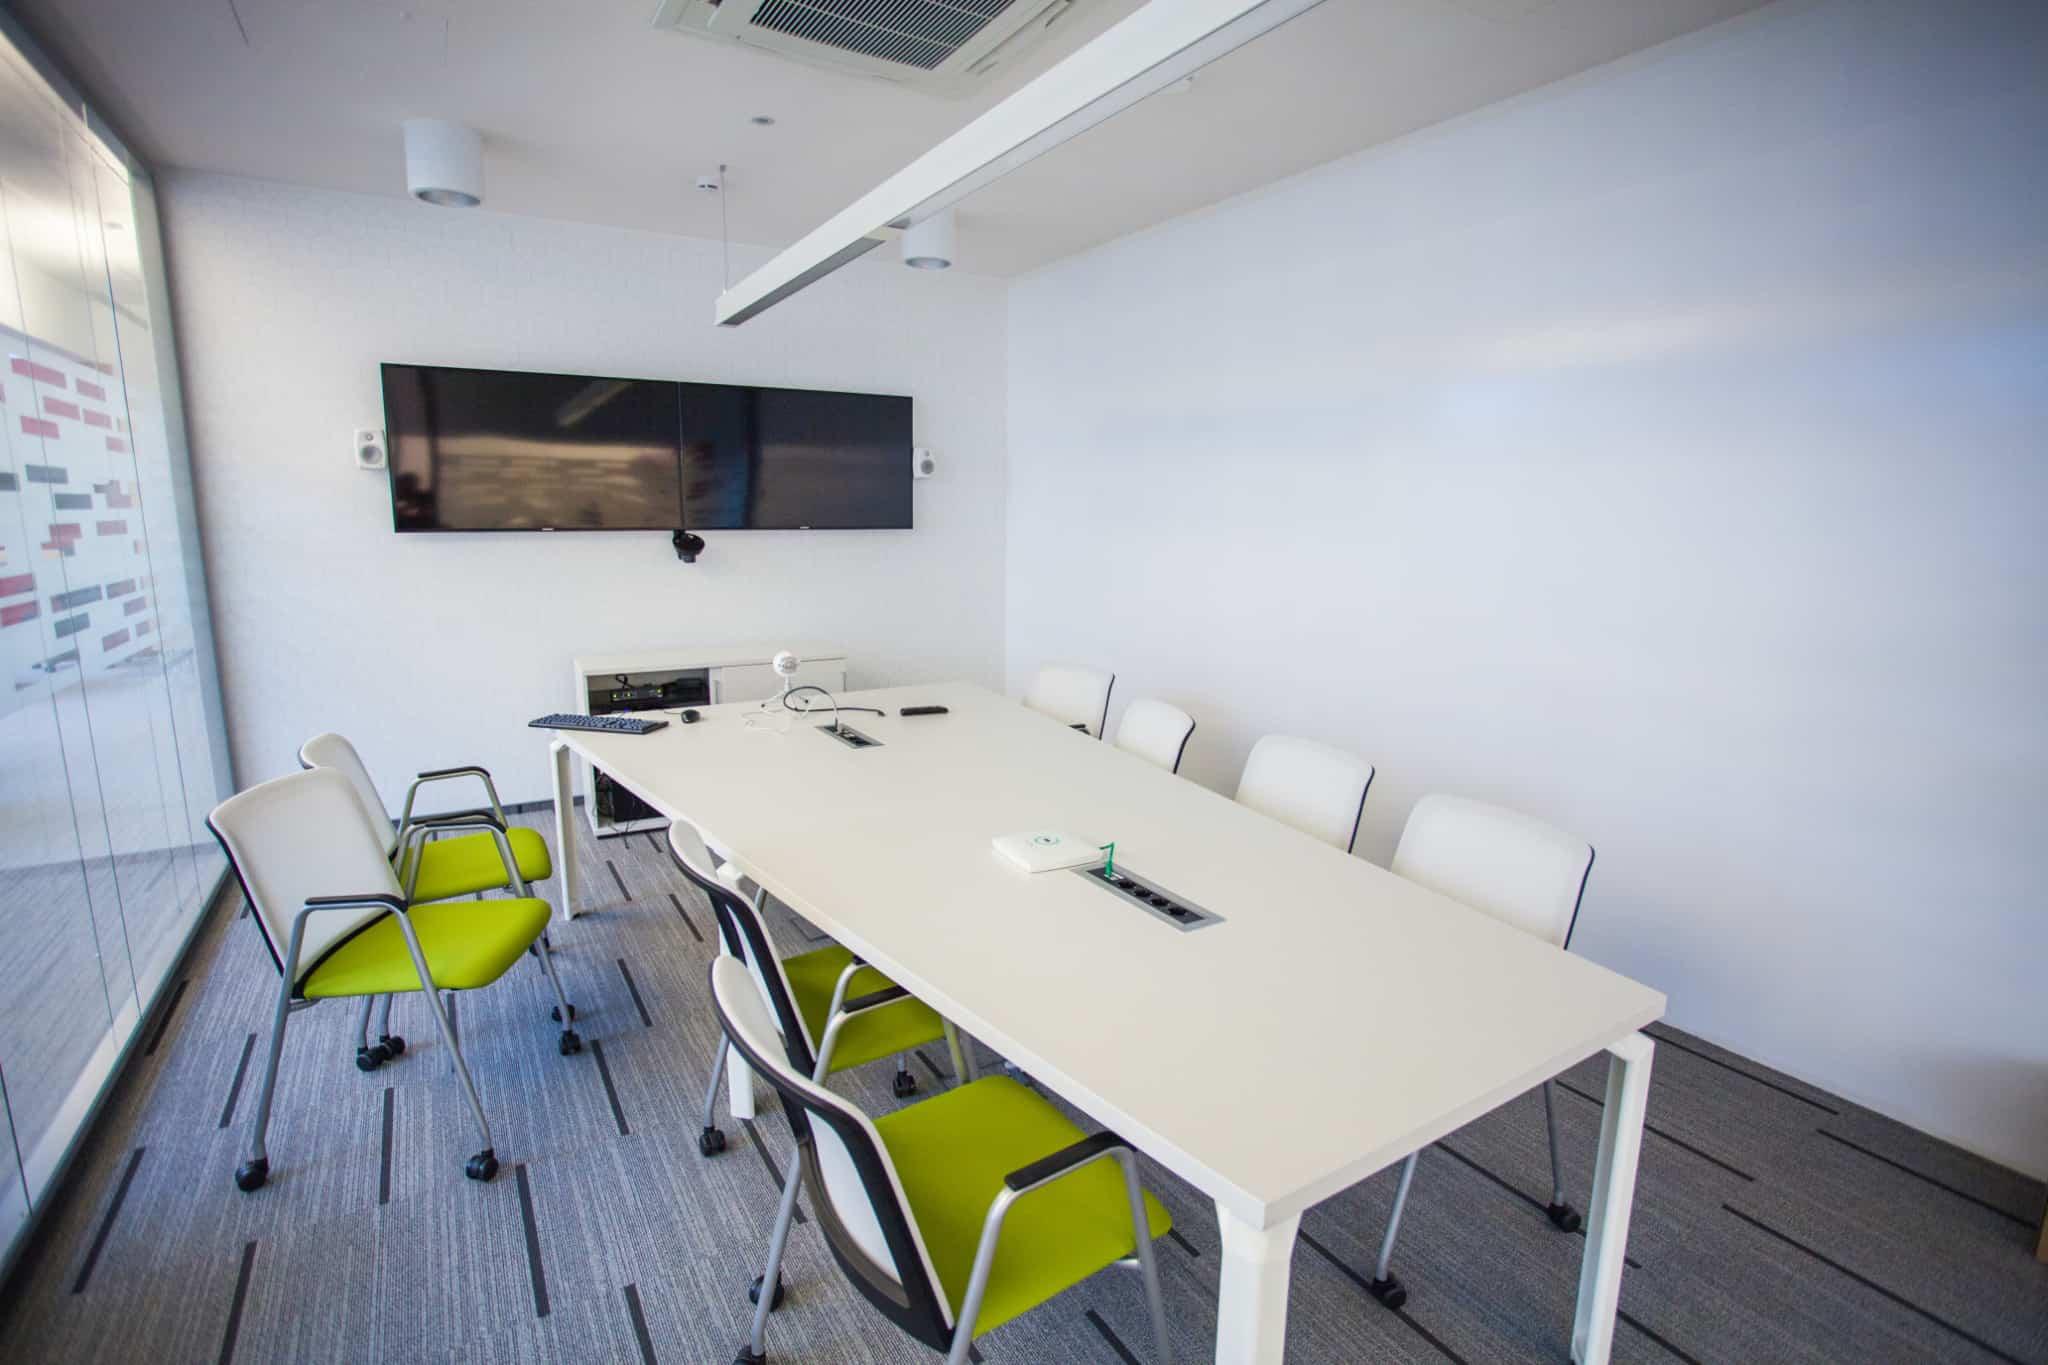 sala de reunioes vazia com mesa branca e várias cadeiras